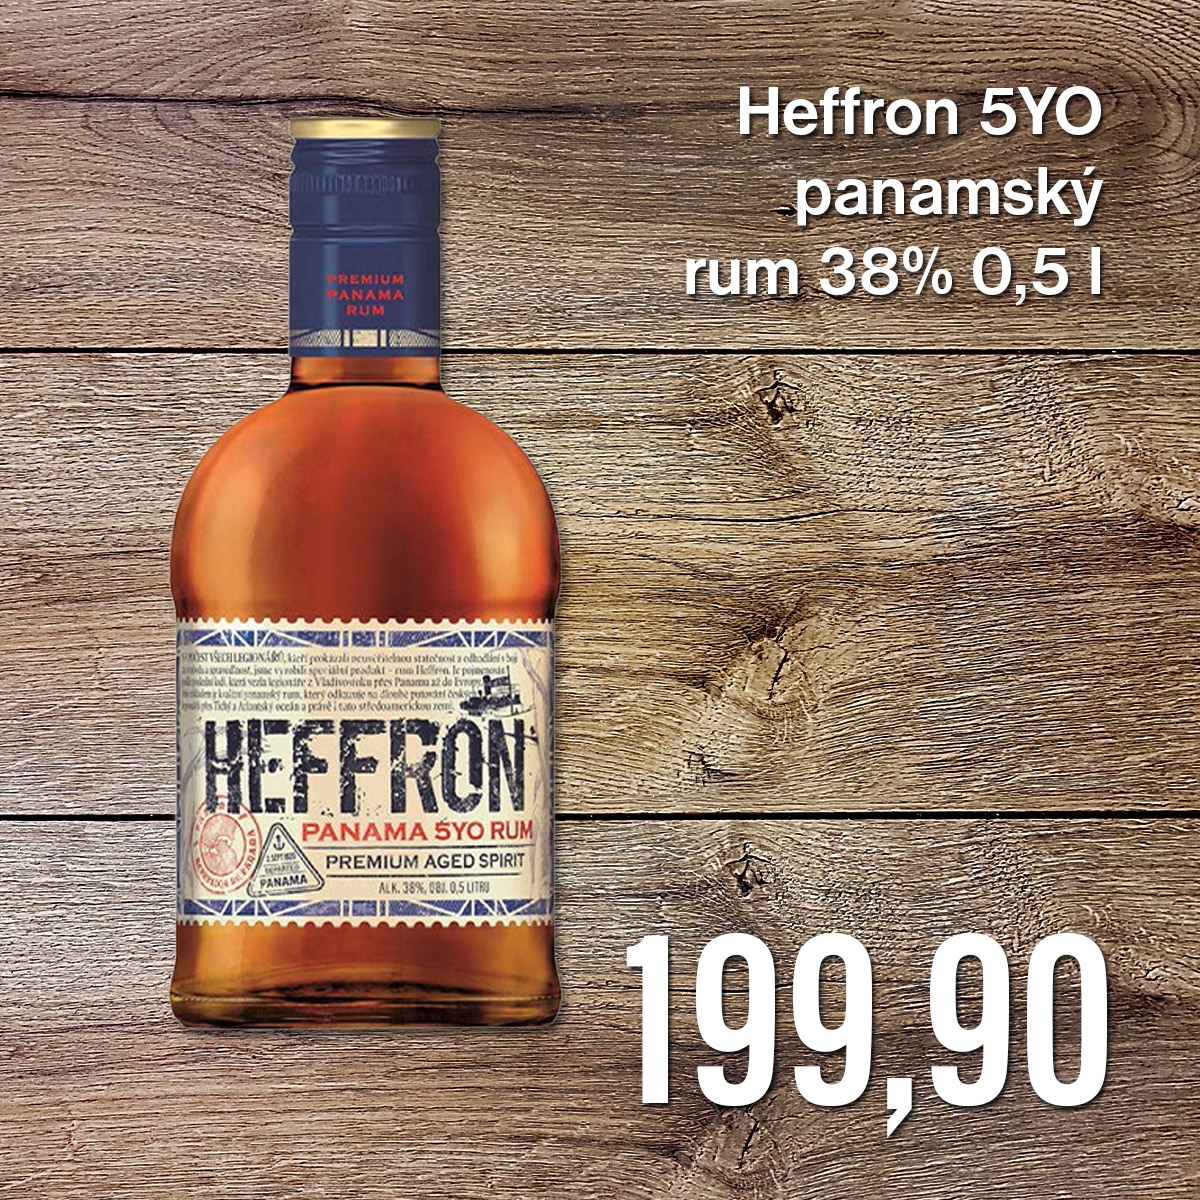 Heffron 5YO panamský rum 38% 0,5 l